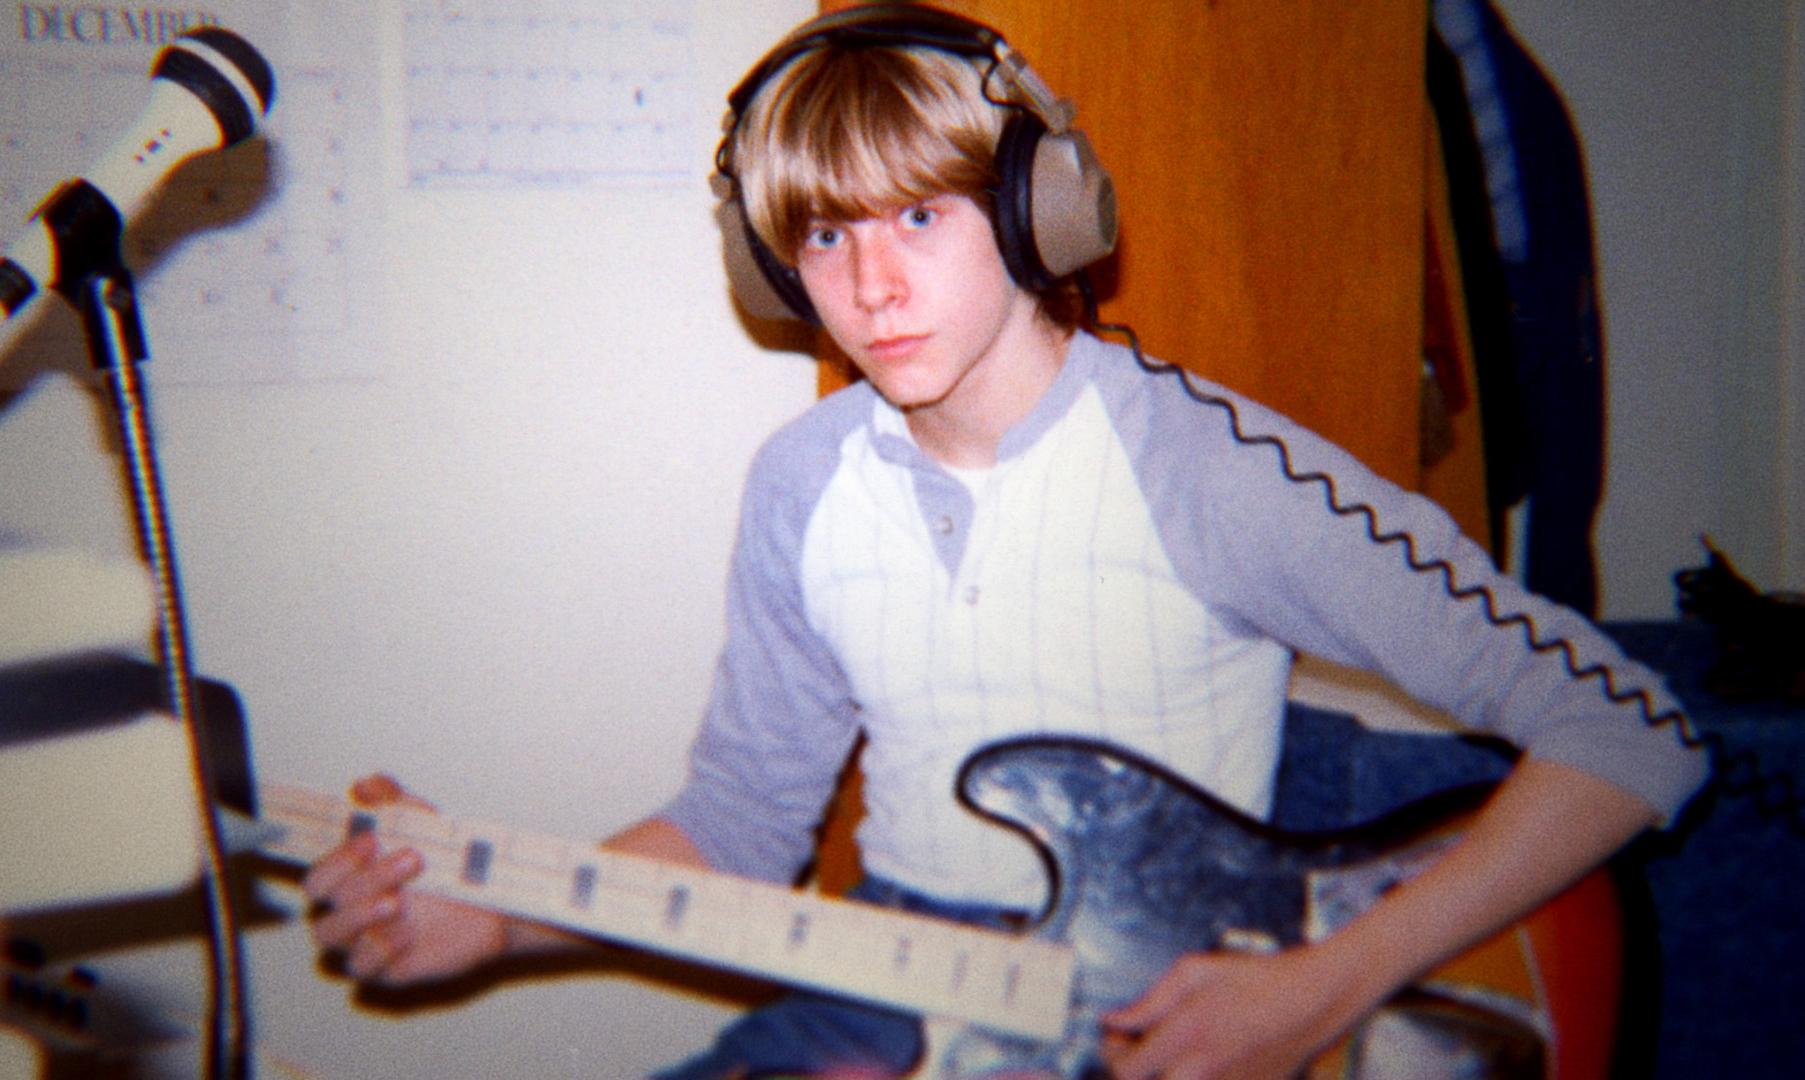 Kurt tinédzserként már megszállottan készült a zenei karrierre.